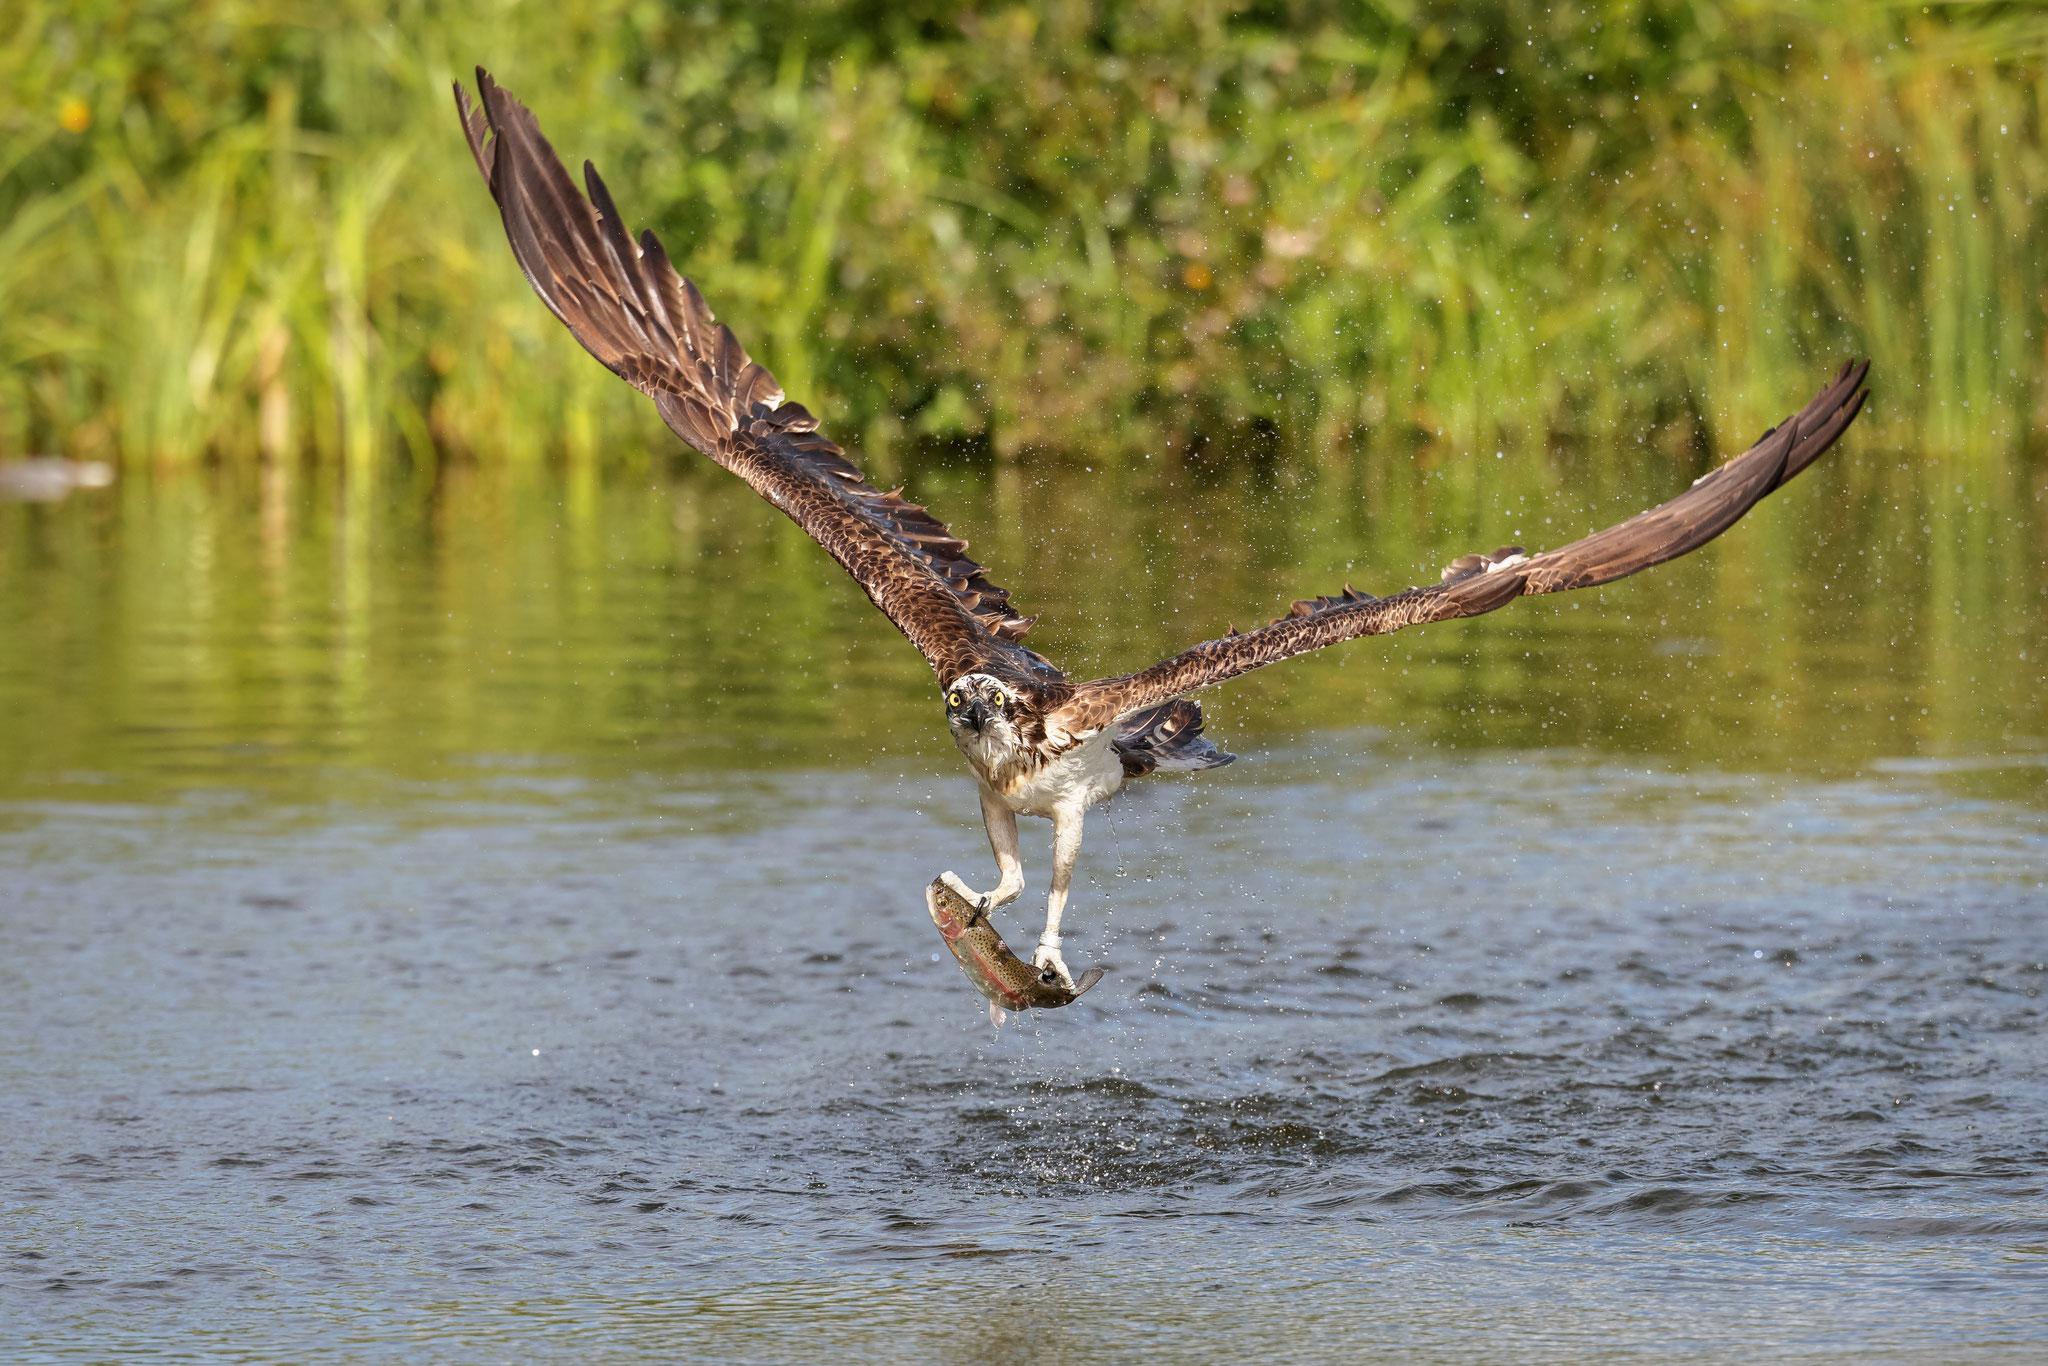 Bei einem Eigengewicht um 1,5 kg hat er an einer ca. 400gr schweren Forelle schon ordentlich zu tragen.